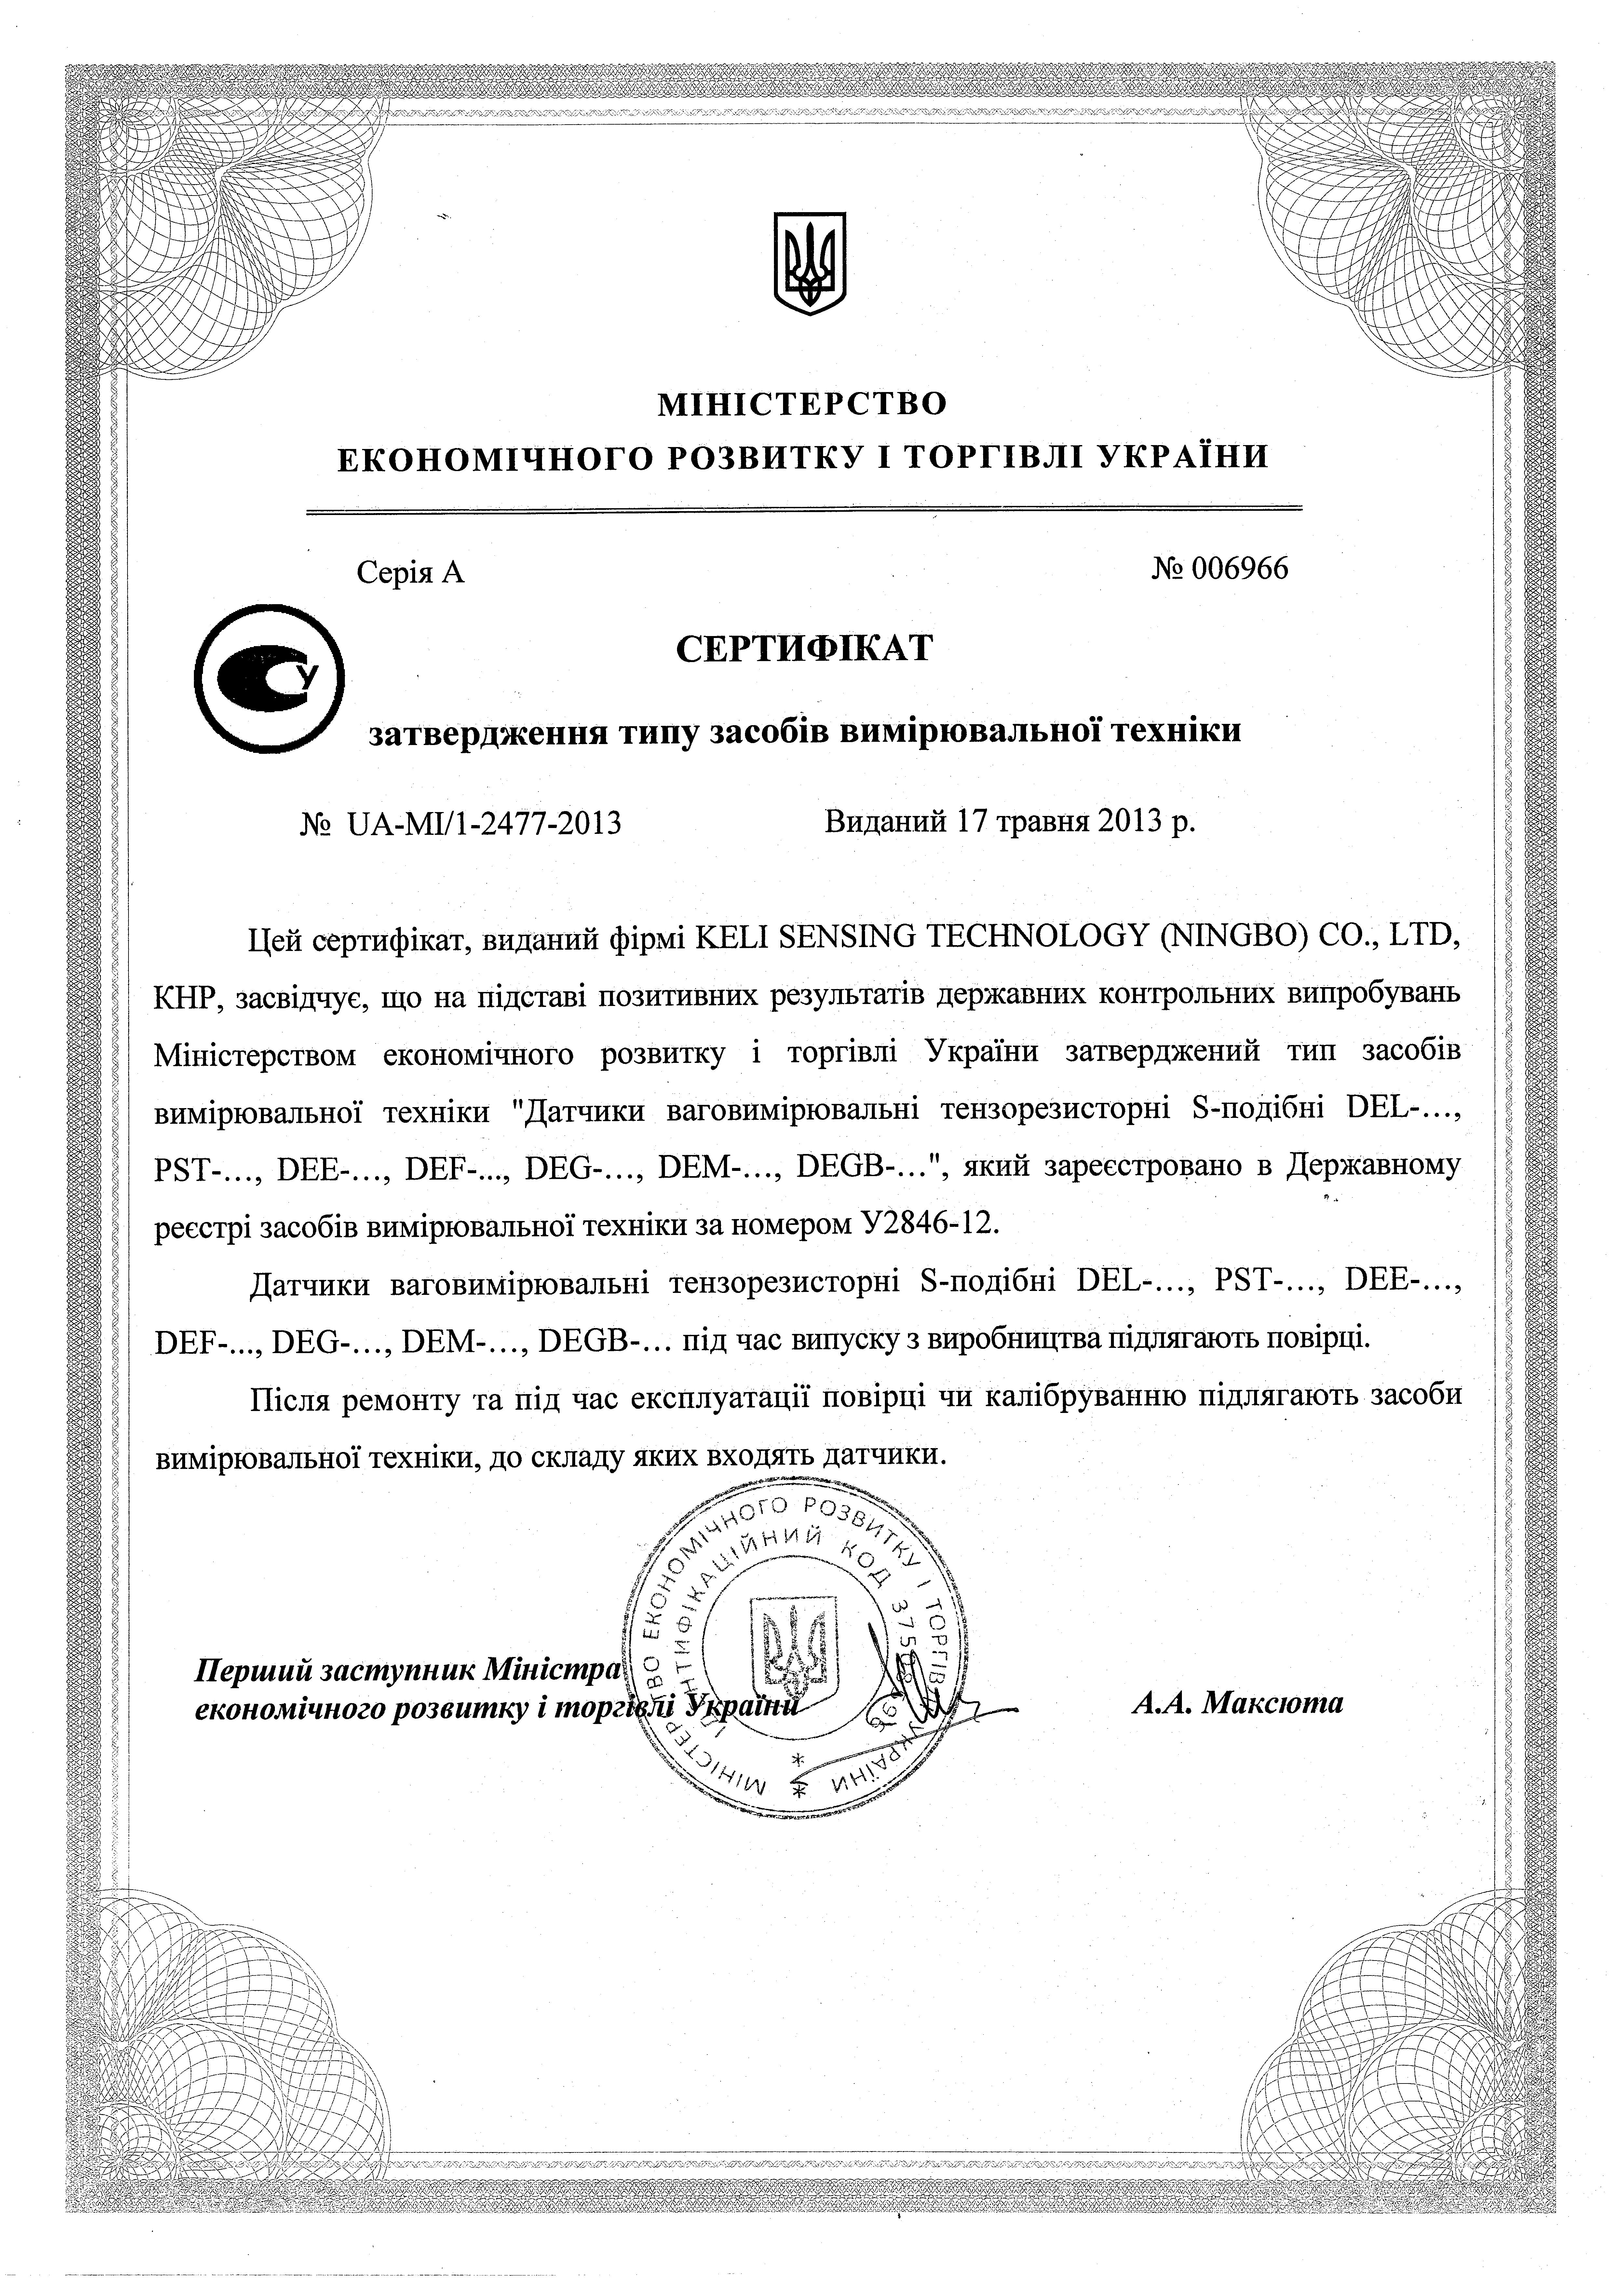 KELI сертификат утверждения типа S-образные датчики У2846-12